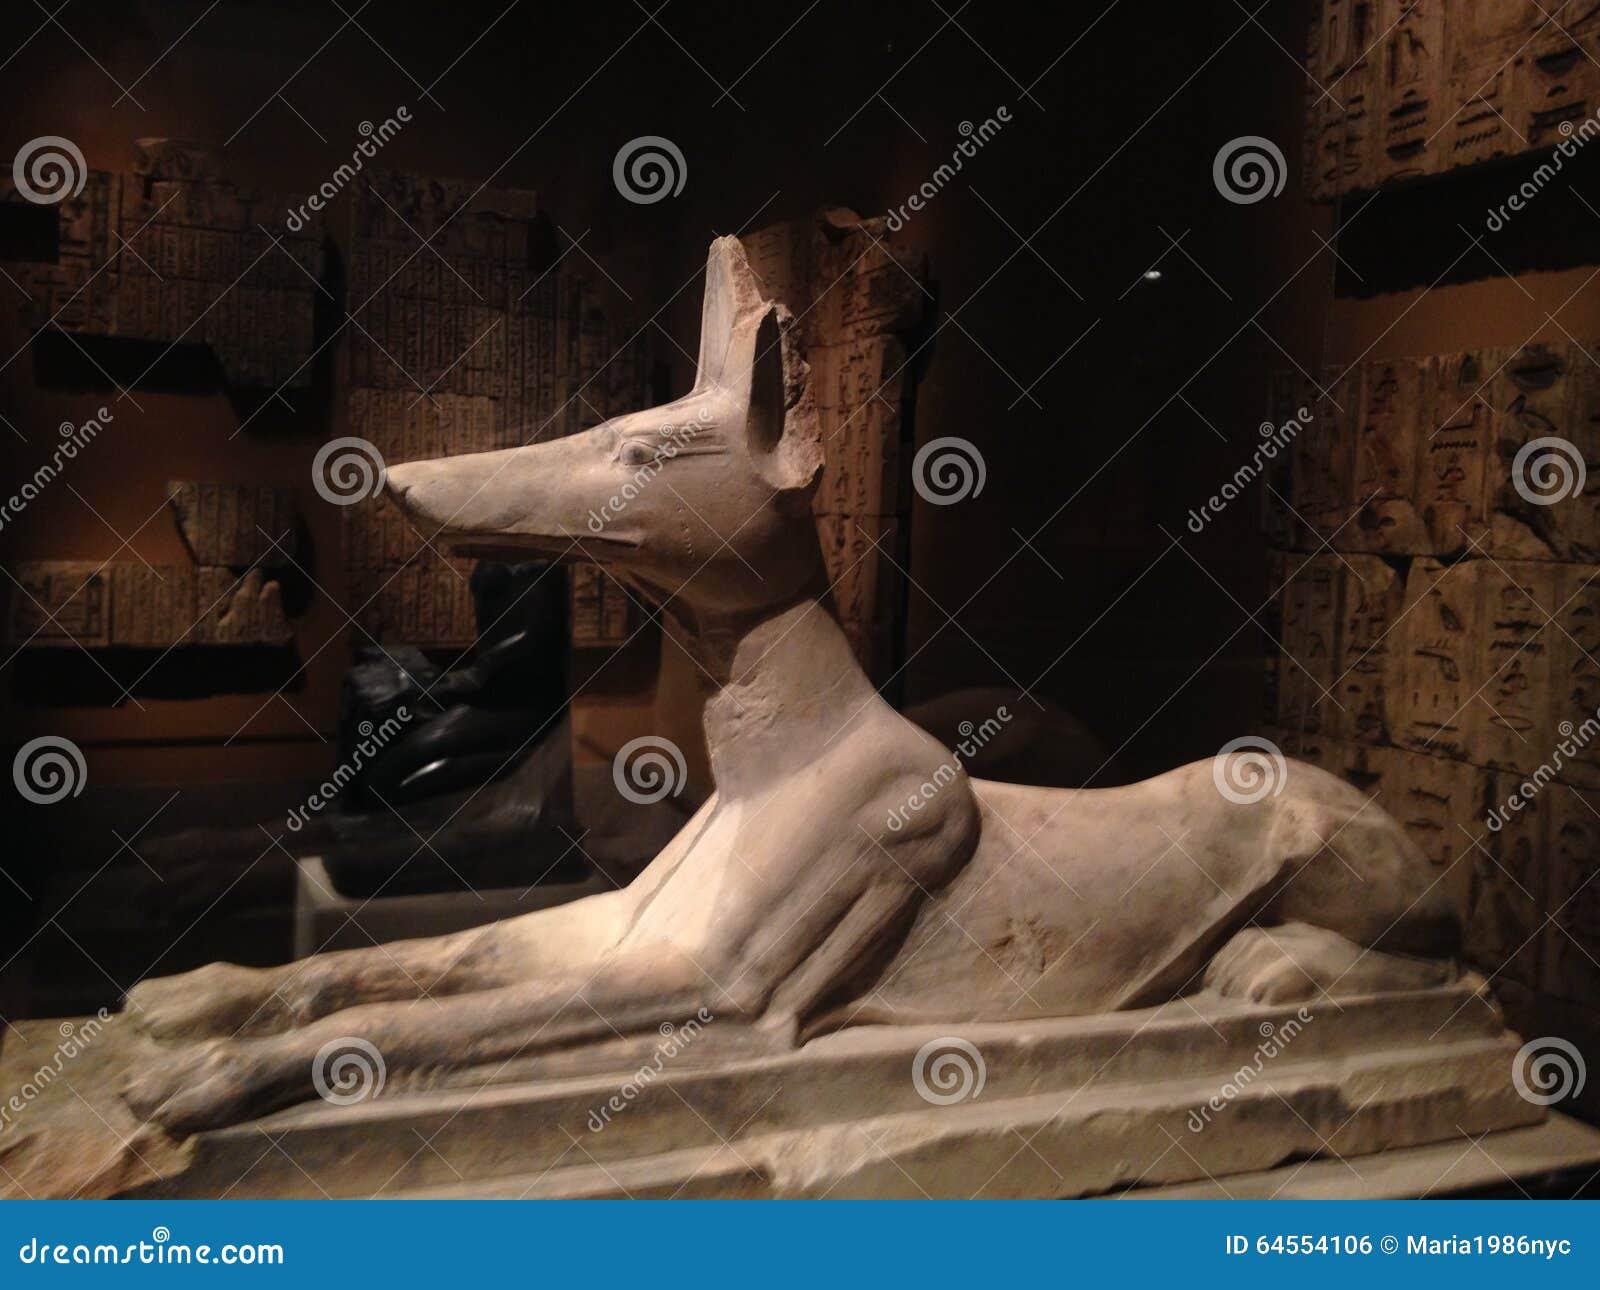 Recumbent Anubis Statue in Metropolitan Museum of Art.